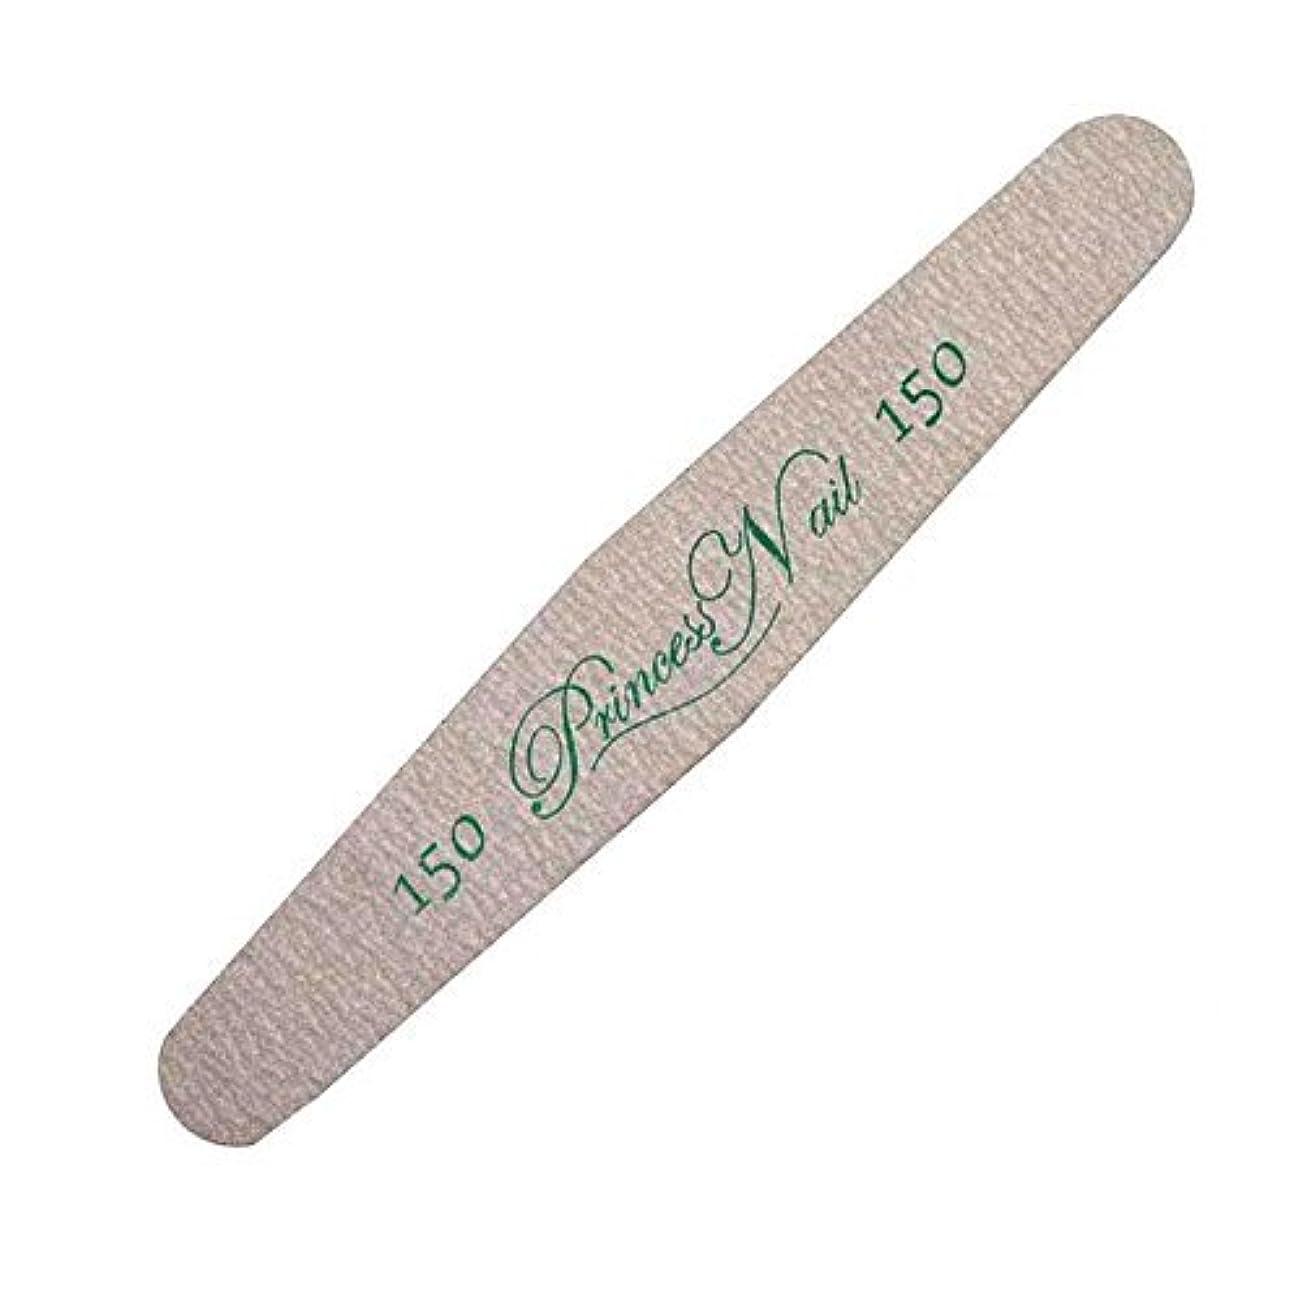 シャープ同行オンスプリンセスネイル ネイルファイル 150/150 爪やすり